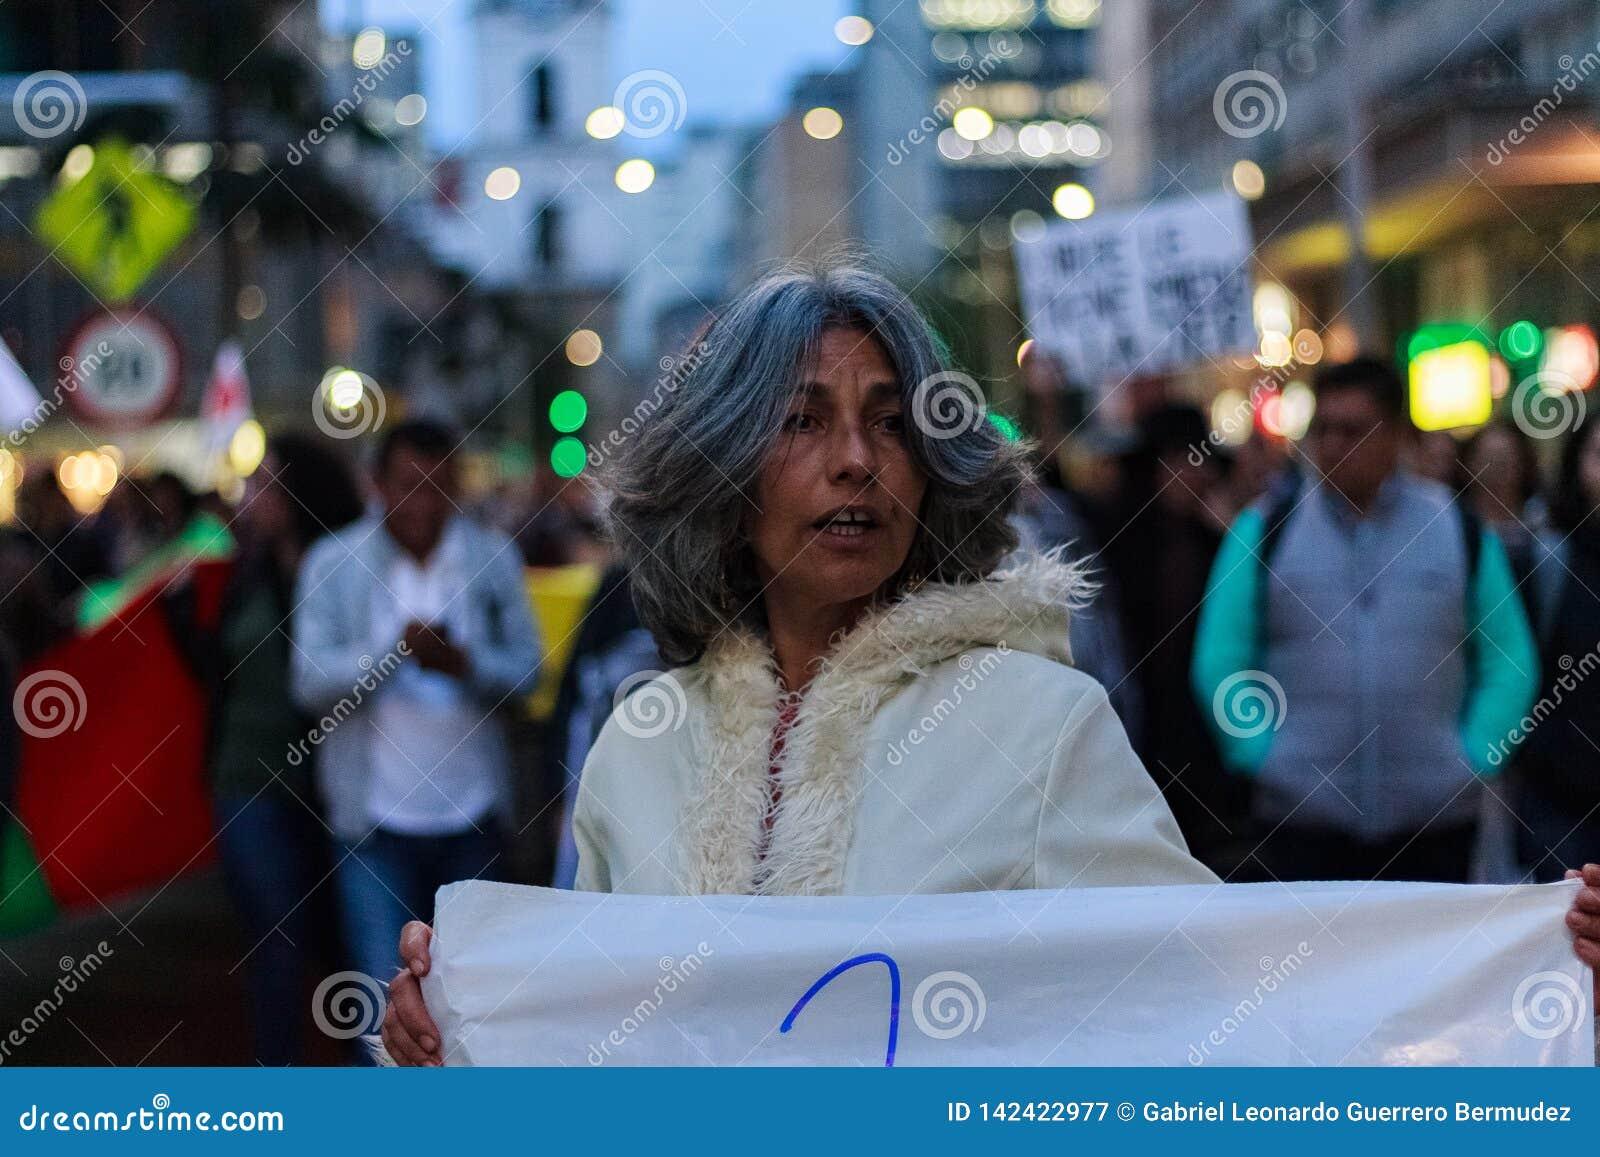 18 Mar 2019 - Marzec dla obrony JEP, Specjalna jurysdykcja dla pokoju Bogotà ¡ Kolumbia